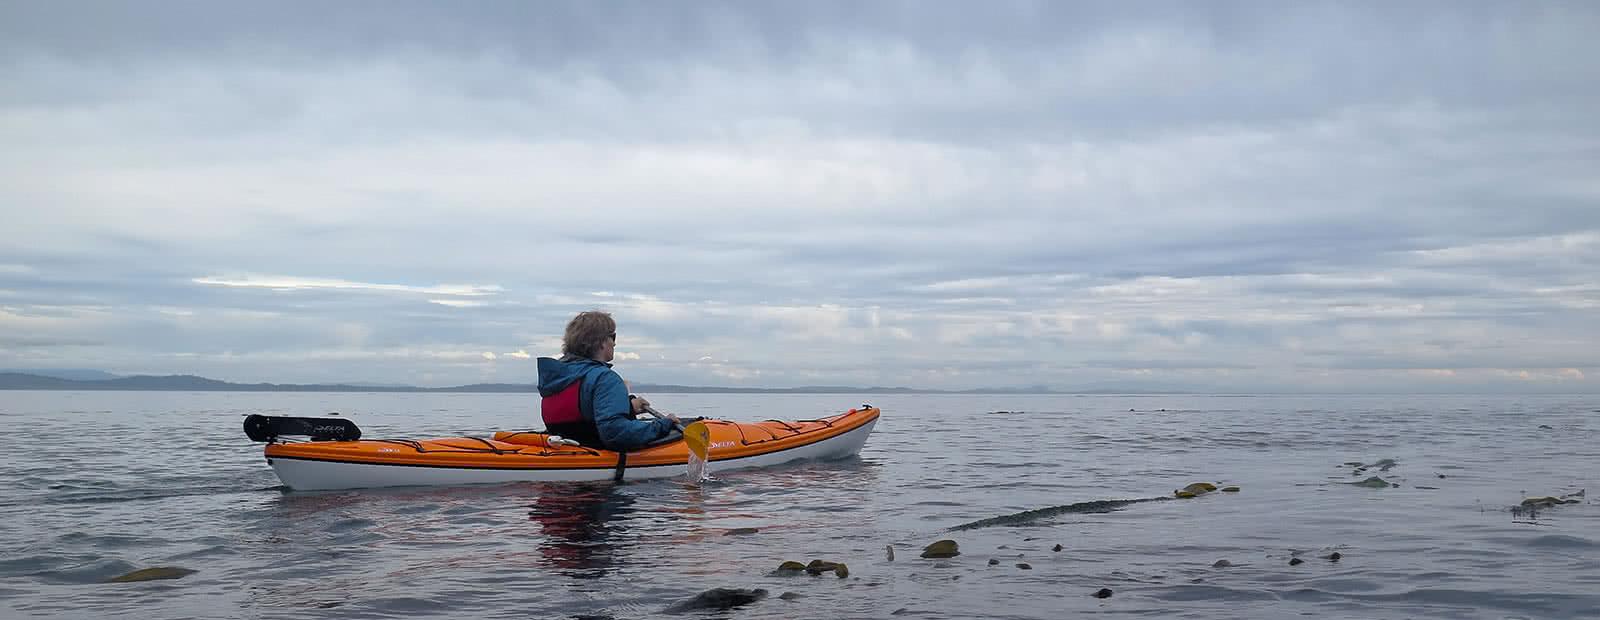 Enjoy your new Kayak!